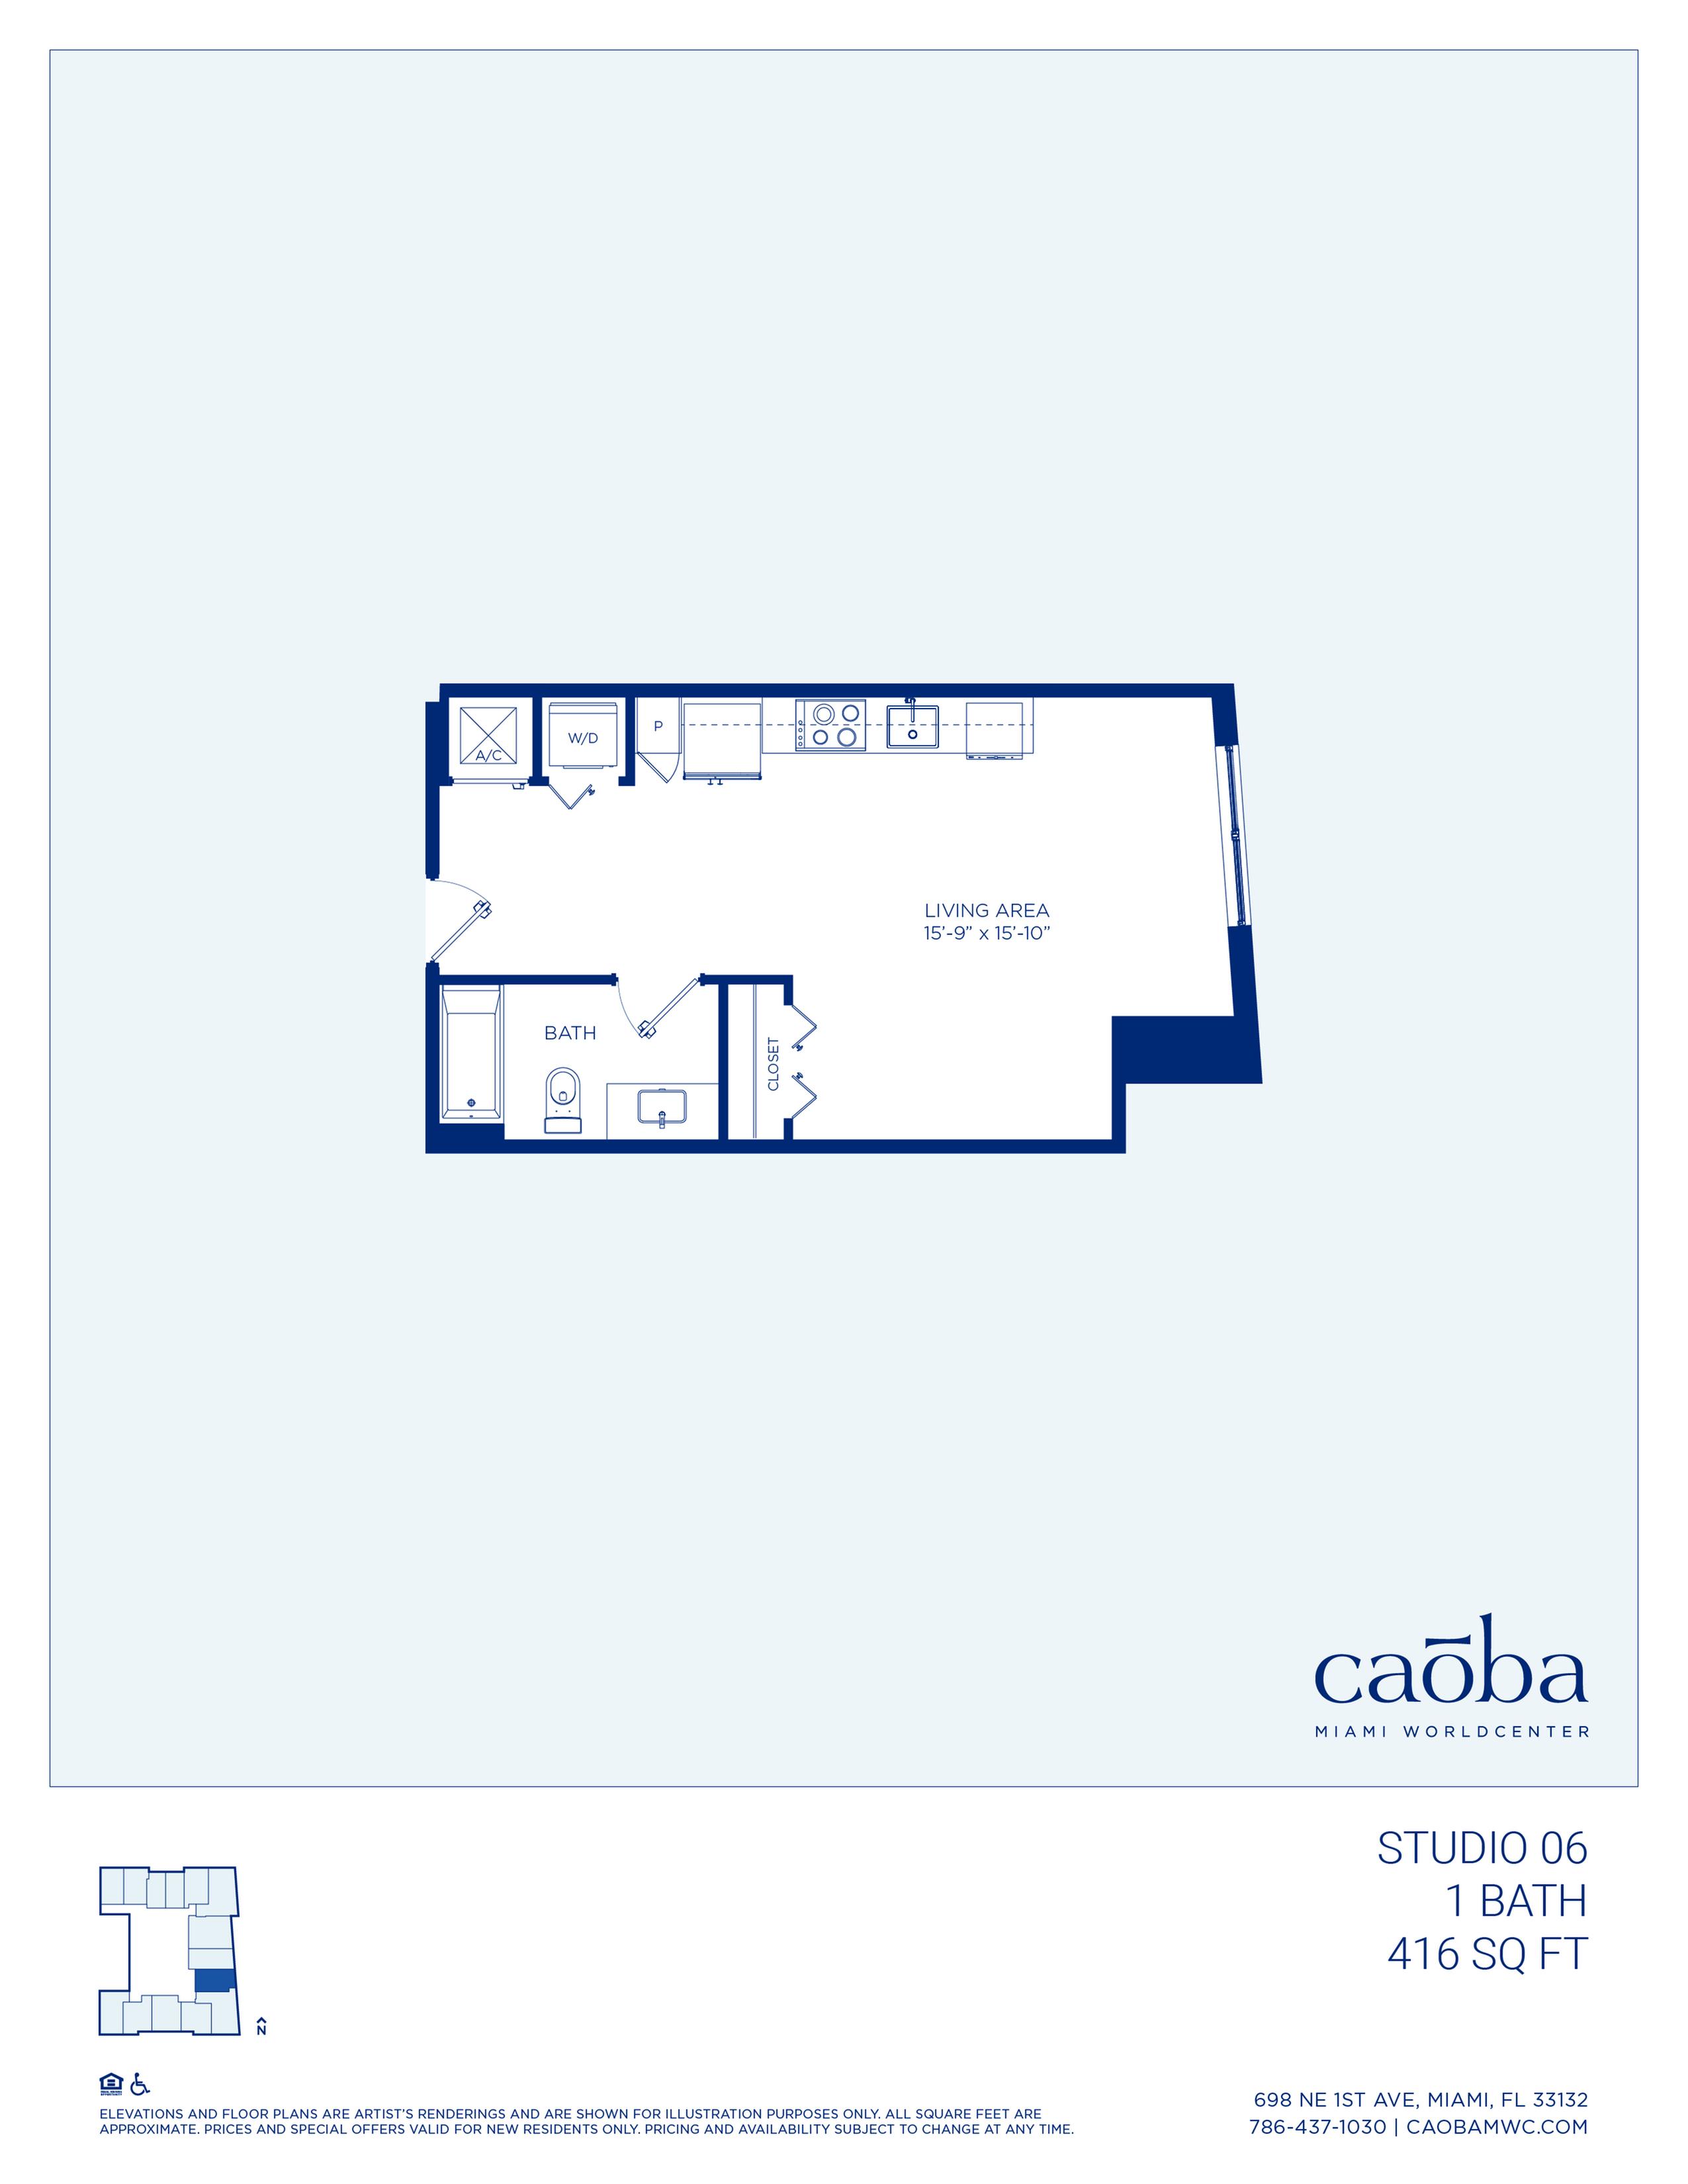 Miami Caoba Floorplan - S-06